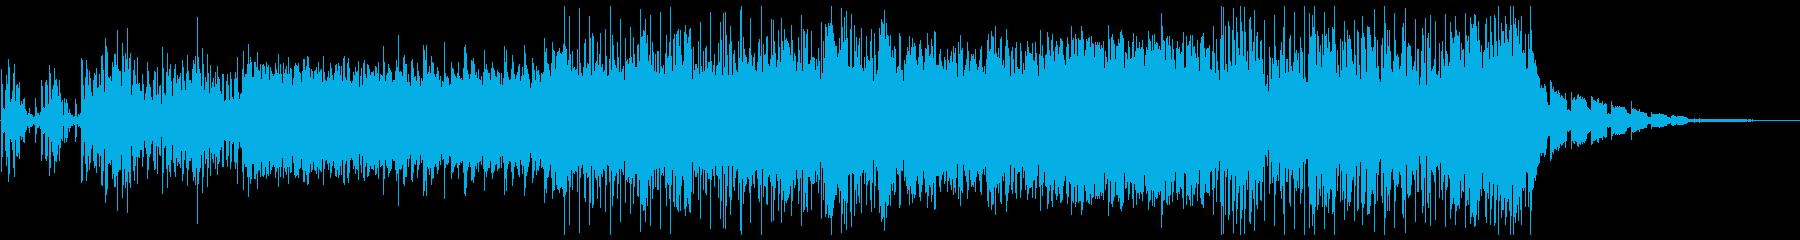 クールなピアノが印象的なエレクトロニカの再生済みの波形